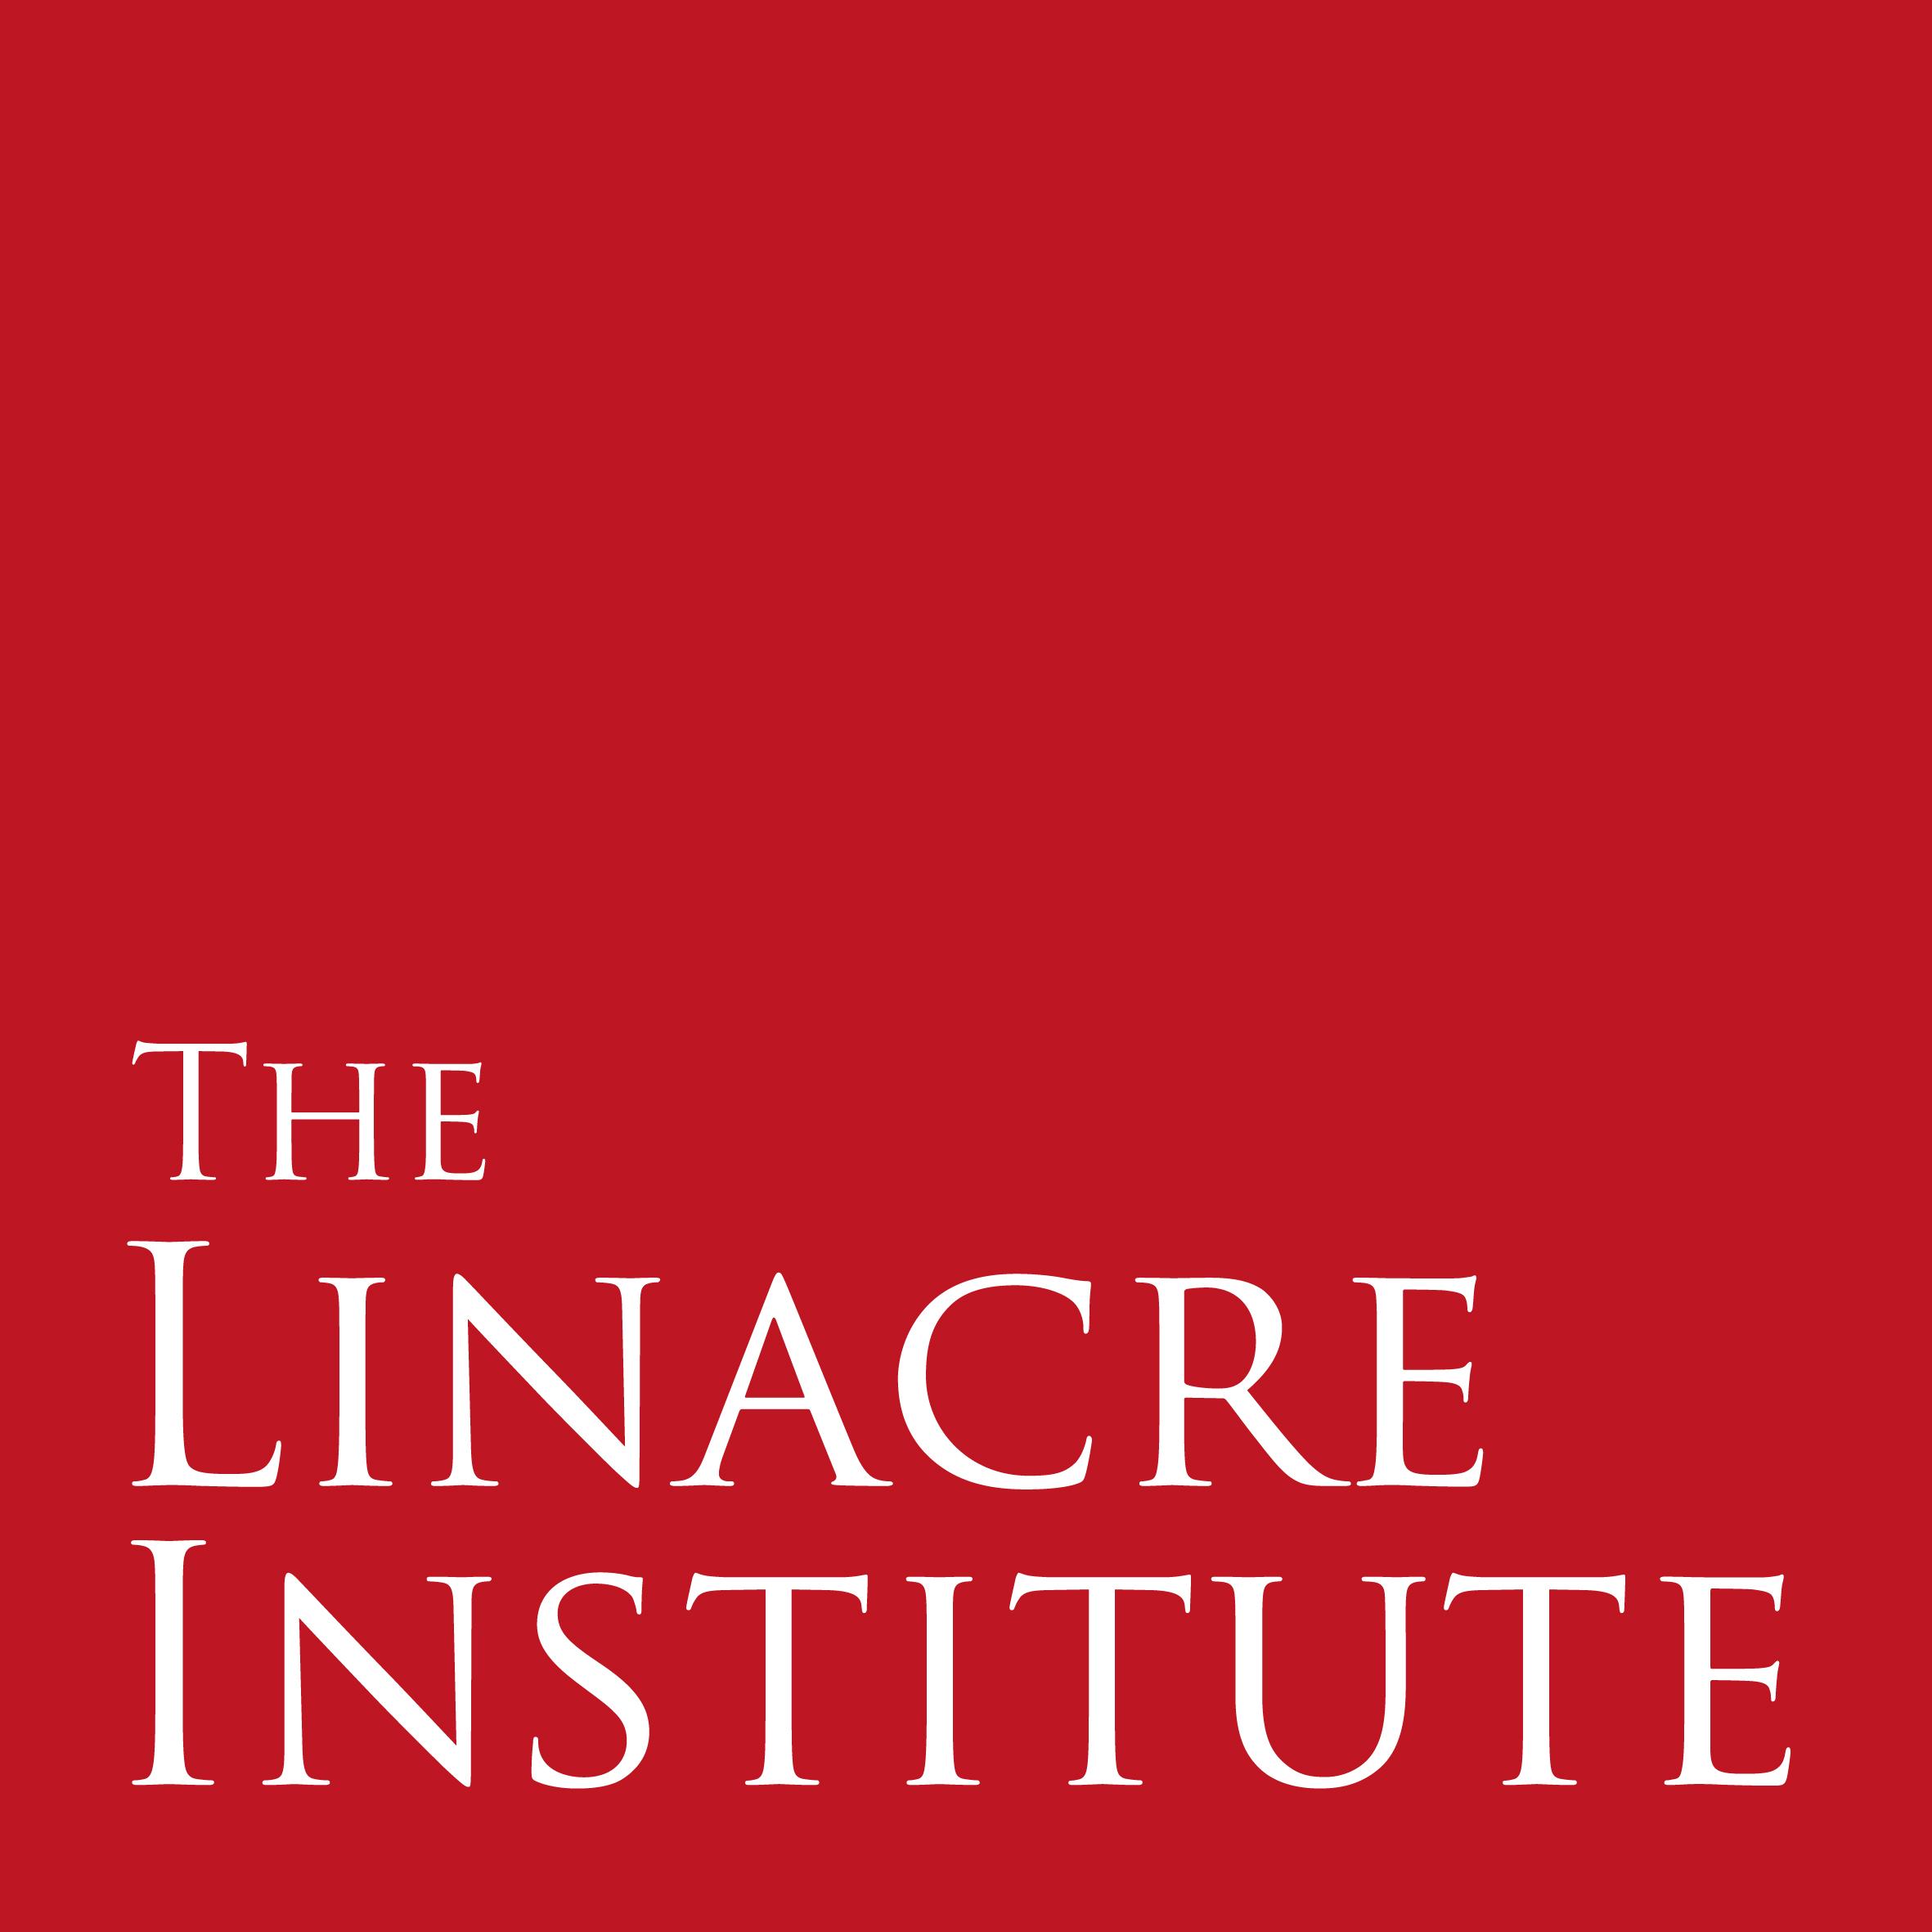 The Linacre Institute